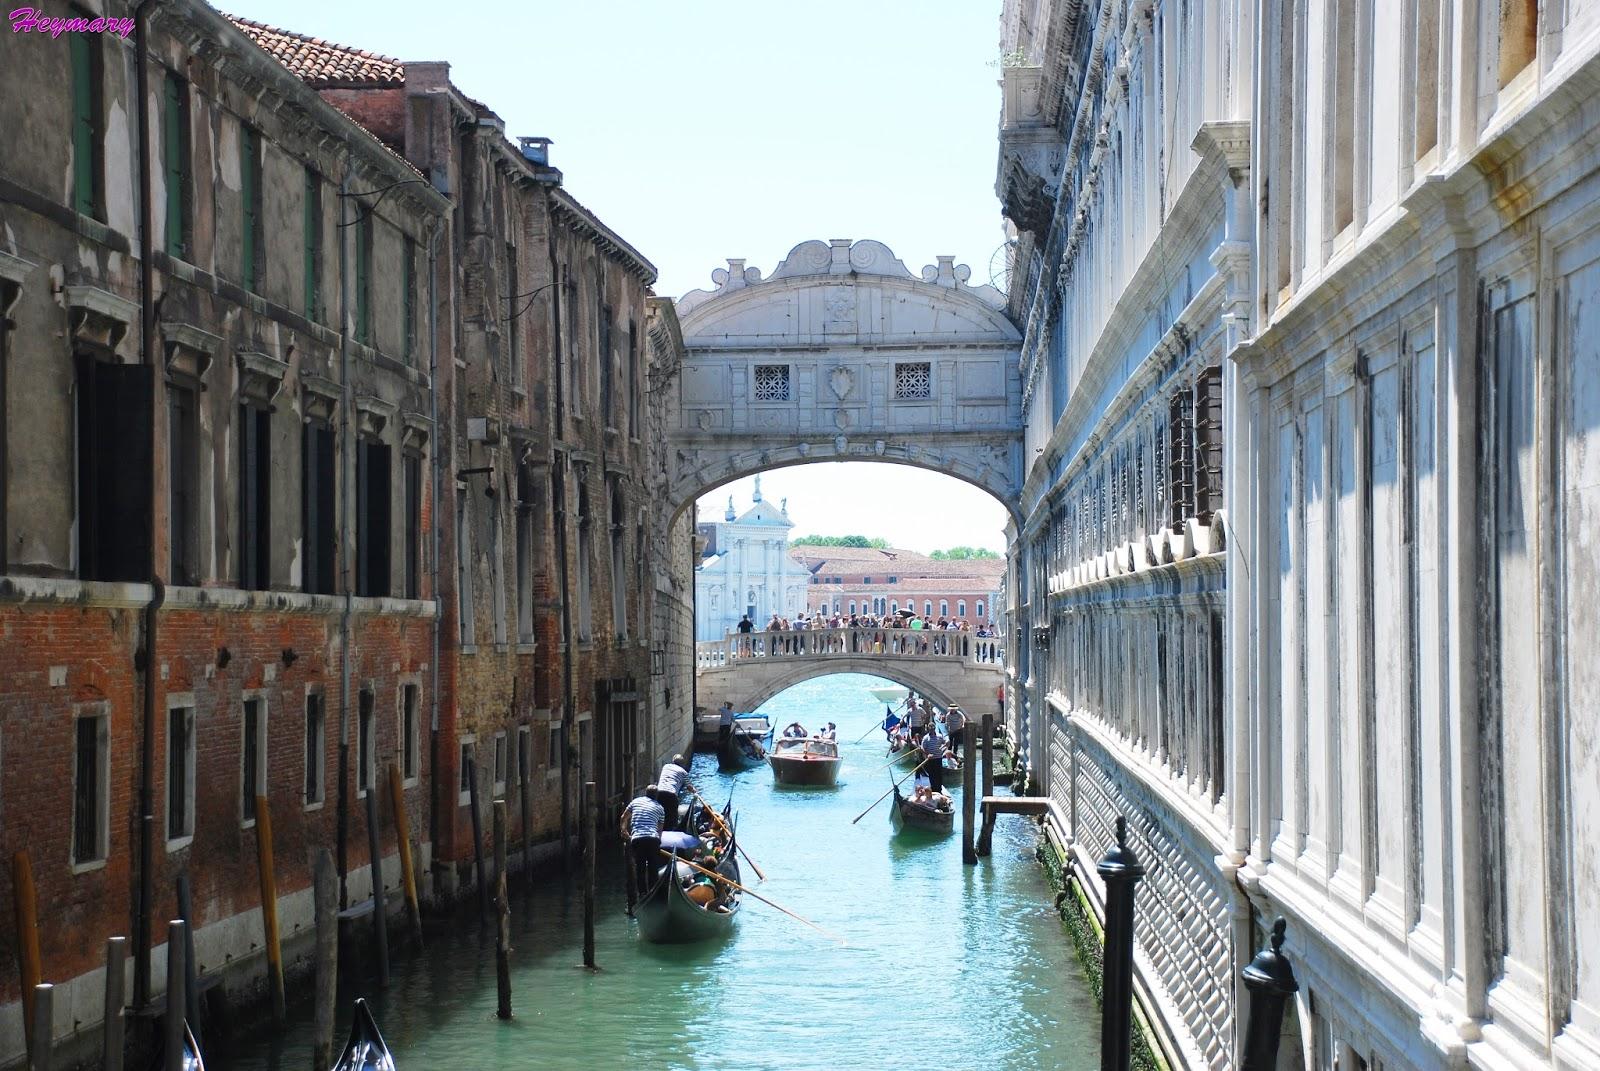 威尼斯本島|嘆息橋|麥桿橋|貢多拉船|威尼斯水井|聖匝加利亞教堂|蕾莉歐L'ERBOLARIO艾曼紐二世